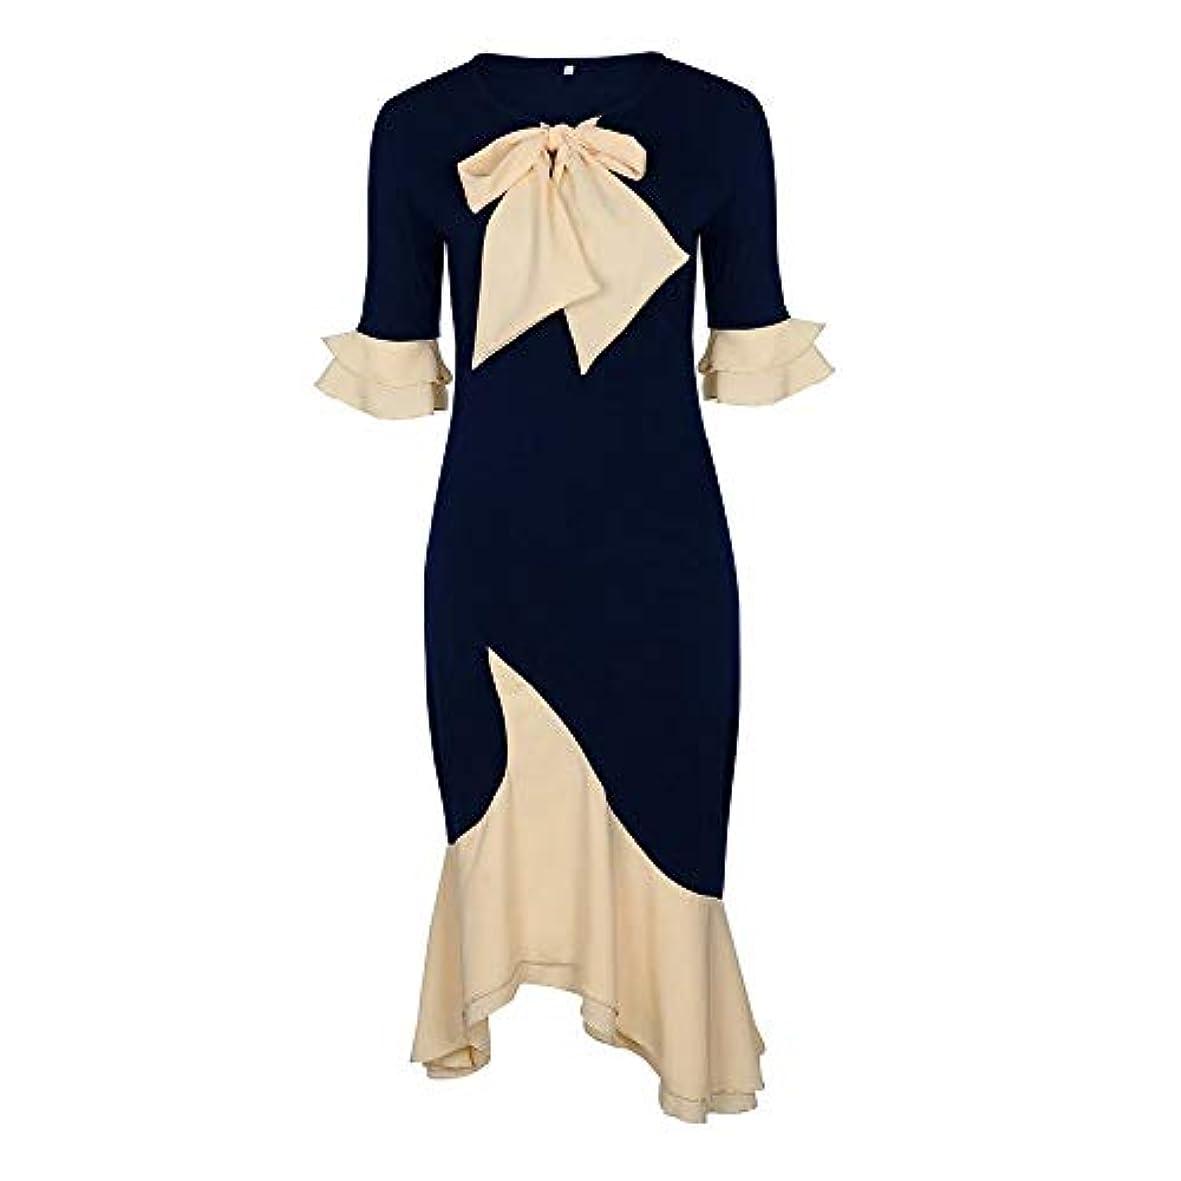 現れる平衡不適当Onderroa - ヴィンテージエレガントなオフィスレディーの女性のドレスマーメイドフレアスリーブボウカラーファルバラの女の子セクシーな女性レトロなパーティードレス